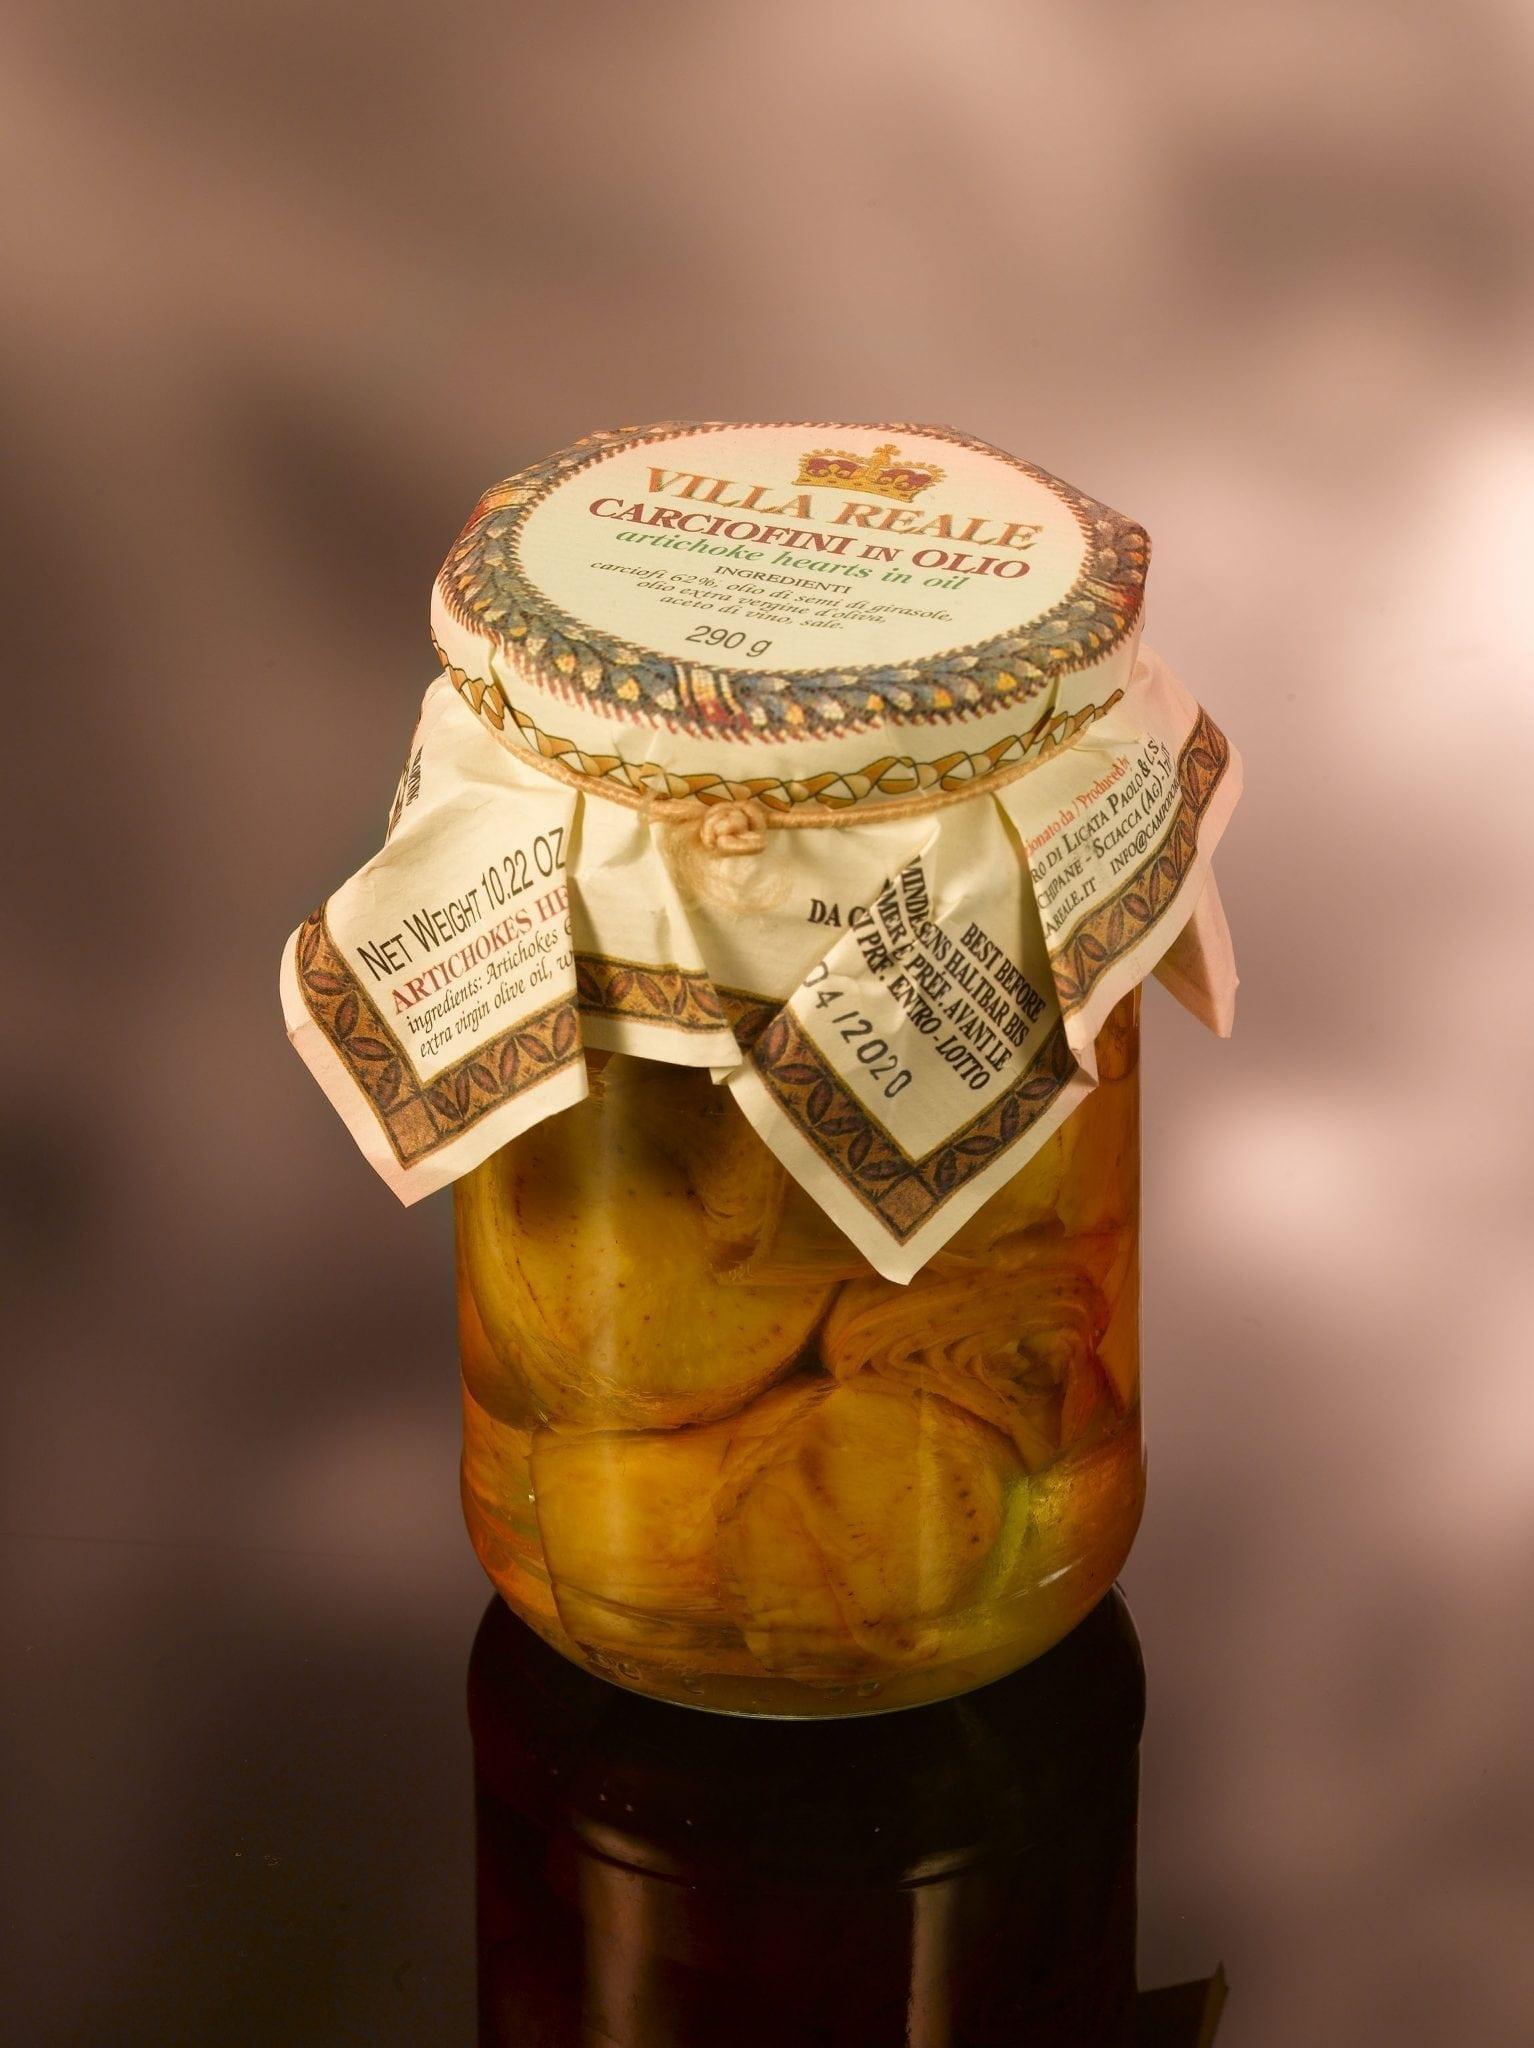 Villa reale, artichoke hearts in olive oil 290 gr